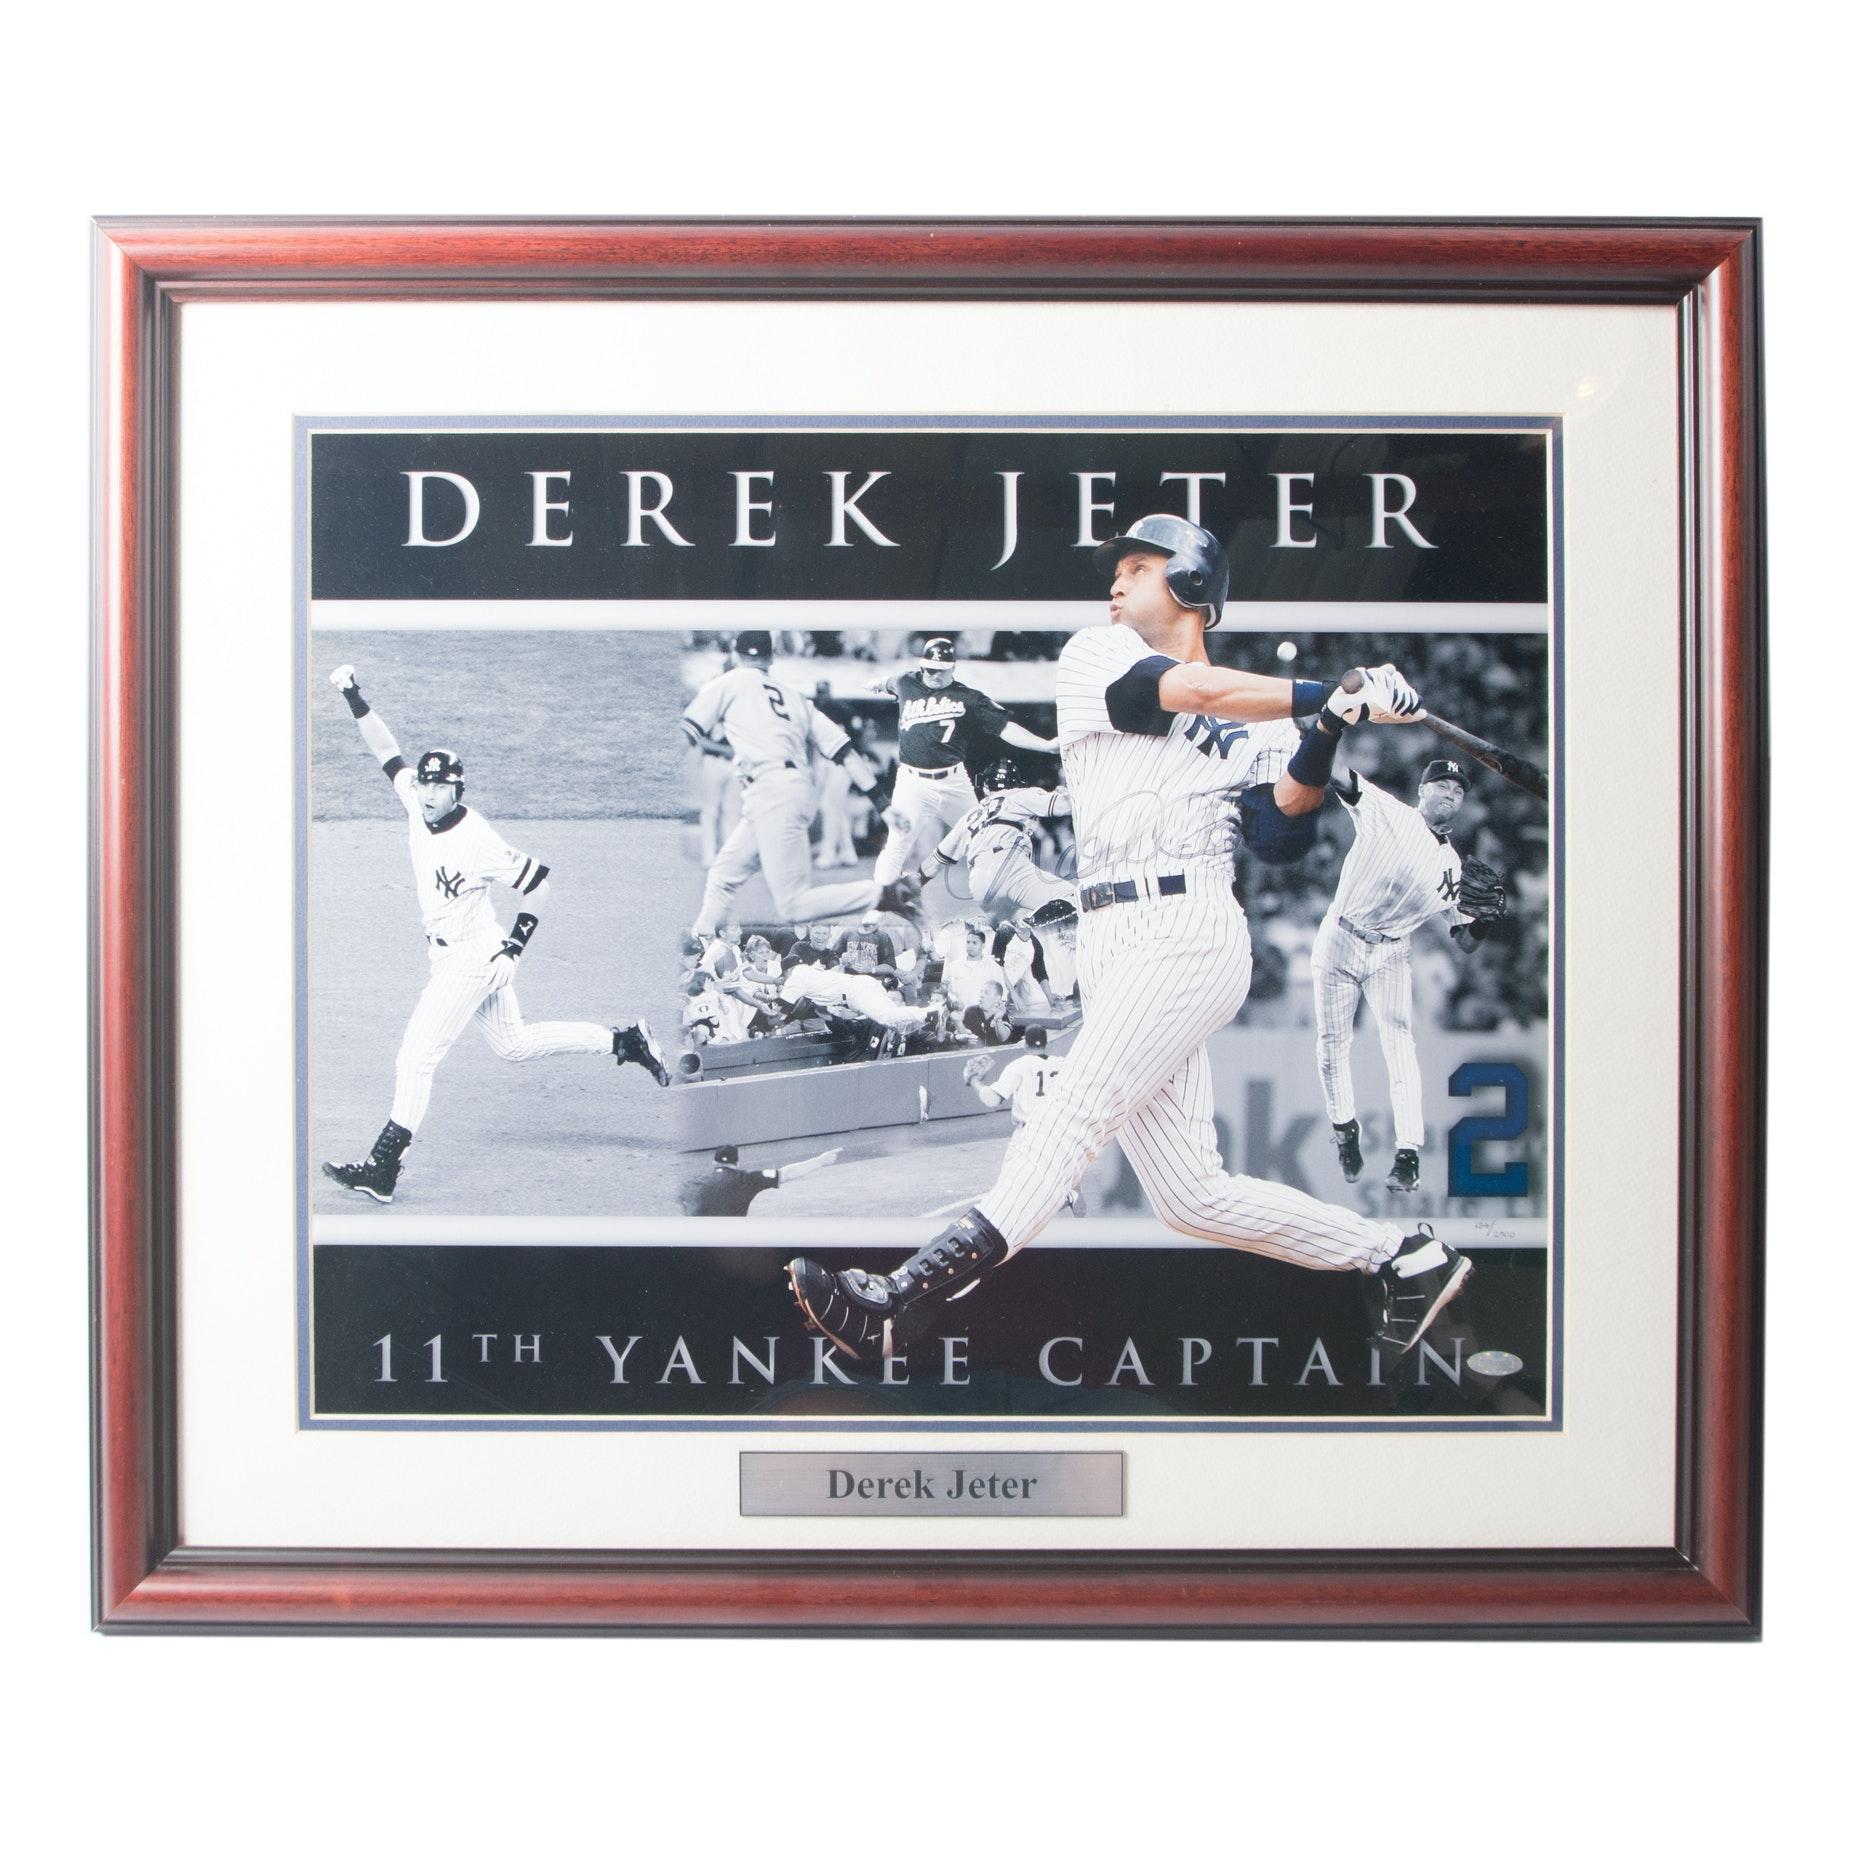 Derek Jeter Hand-signed Steiner Collage